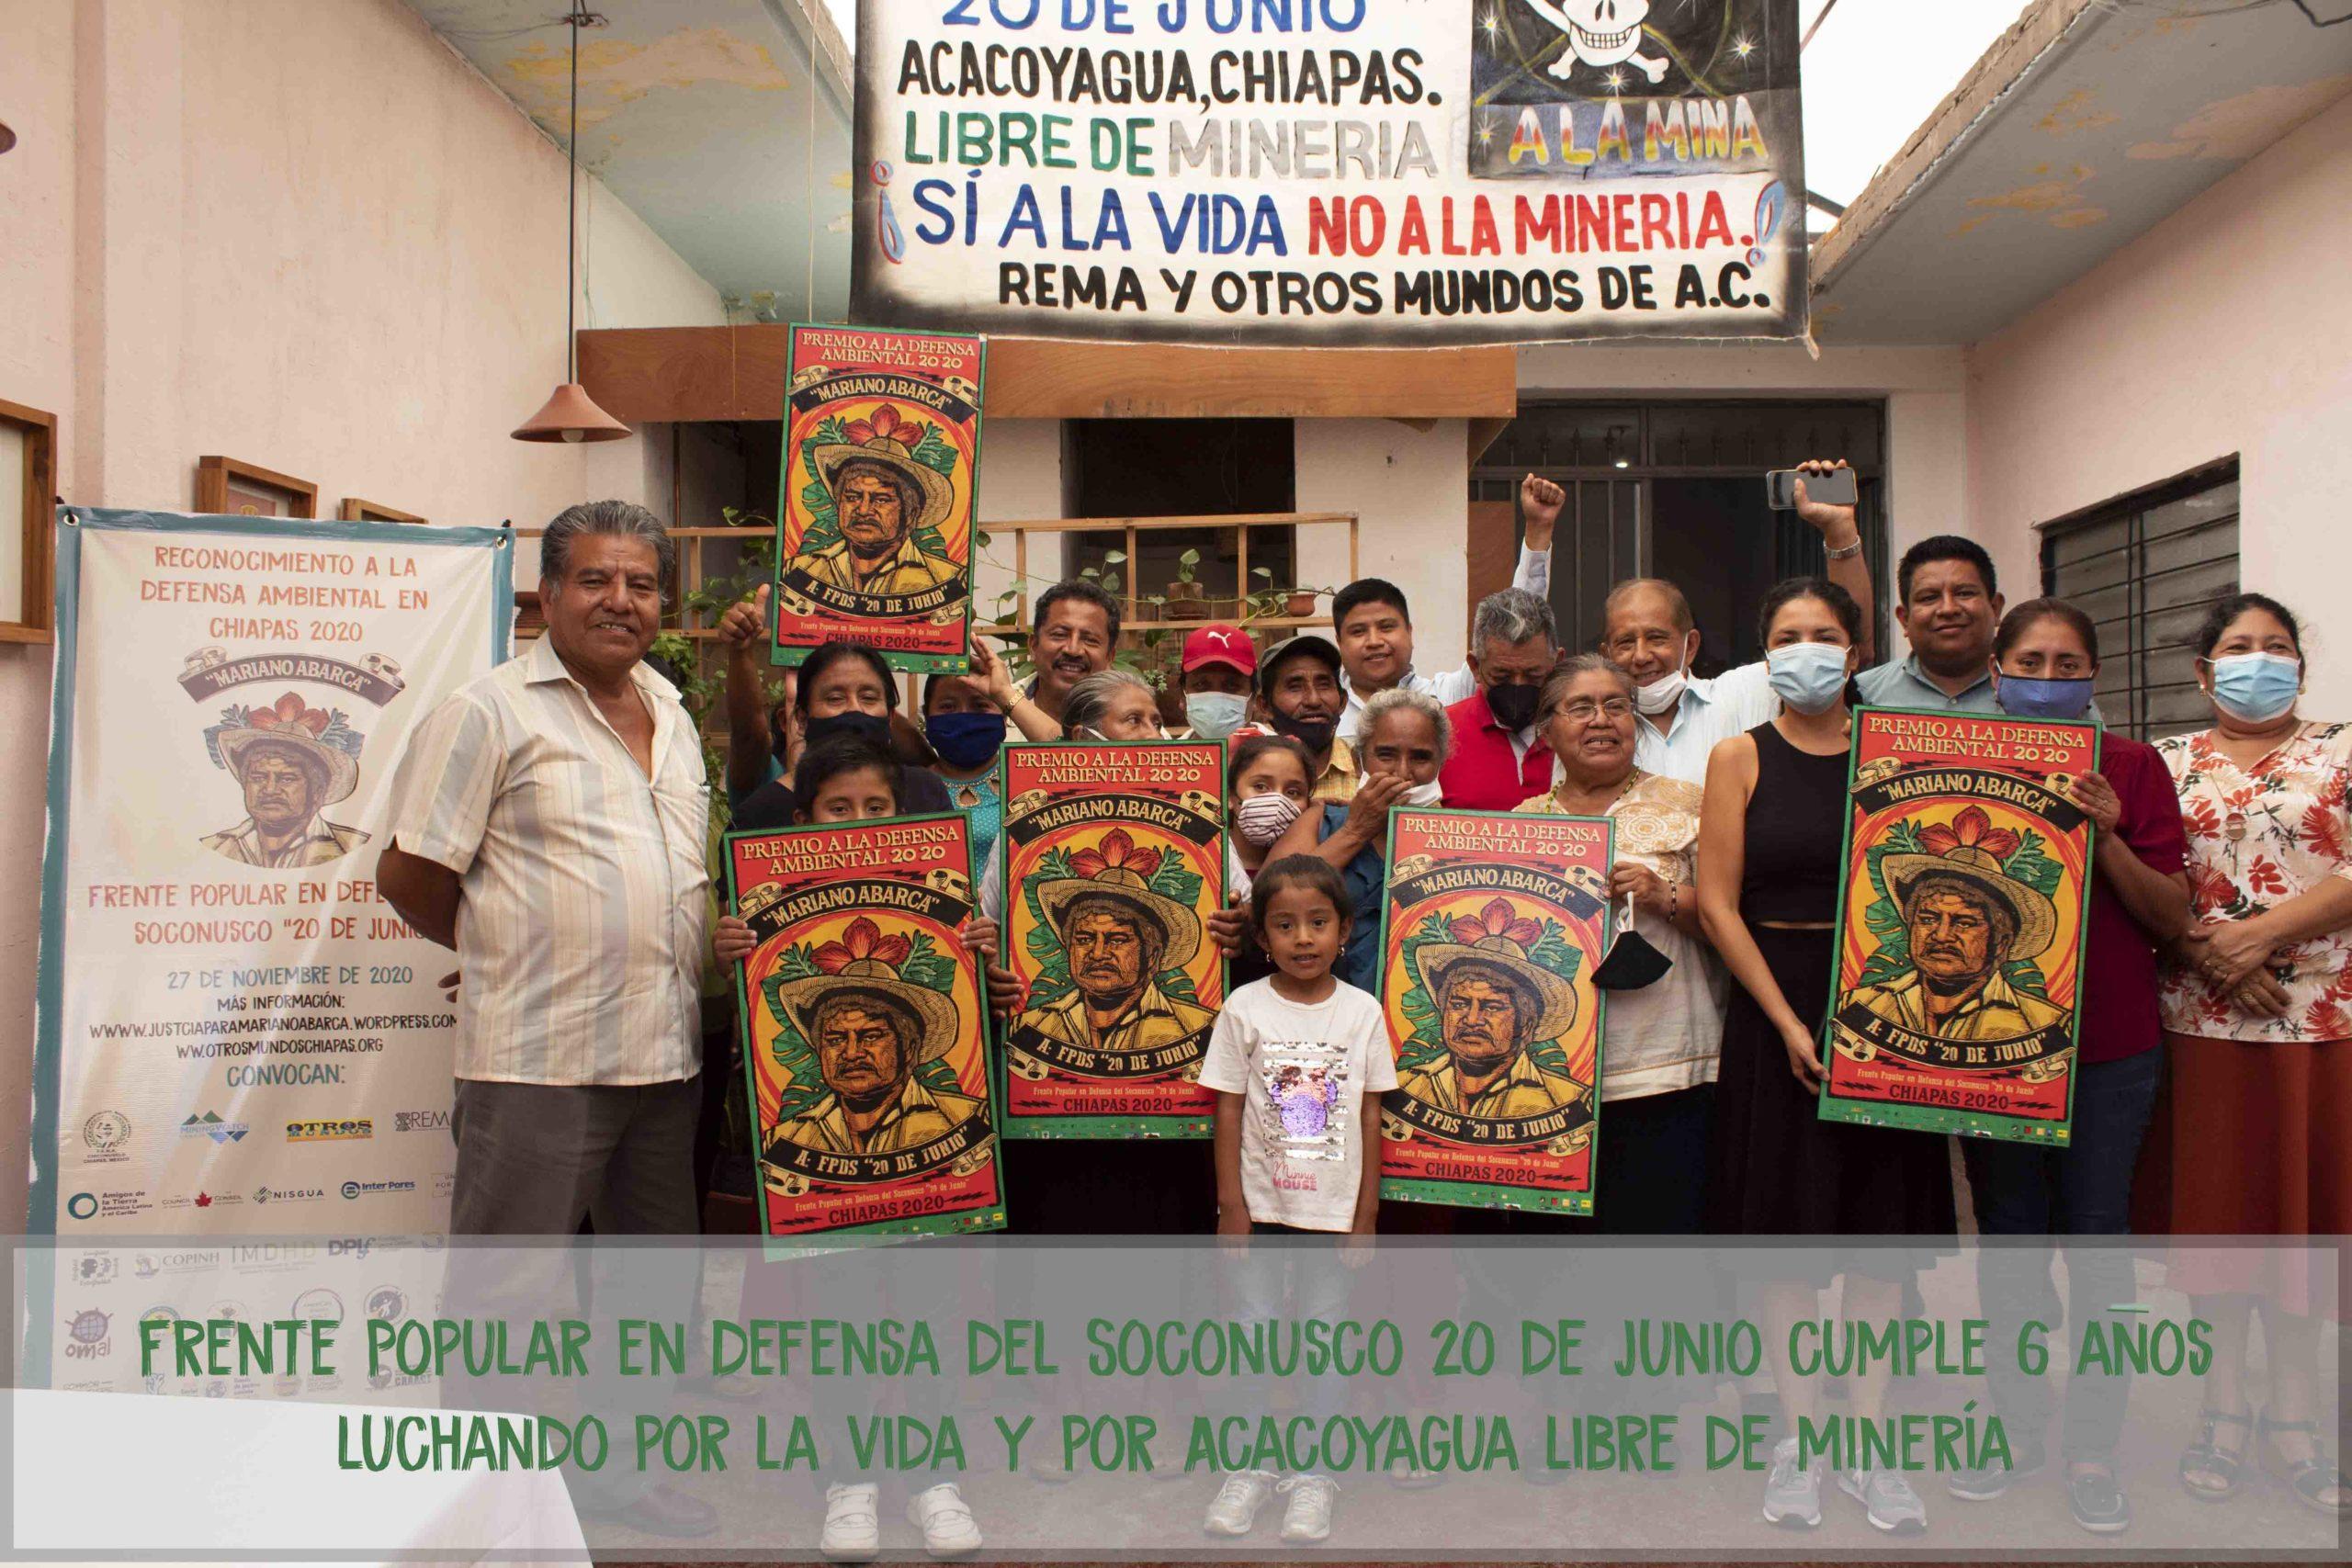 """Frente Popular en Defensa del Soconusco """"20 de junio"""" cumple 6 años luchando por la vida y por Acacoyagua libre de minería"""